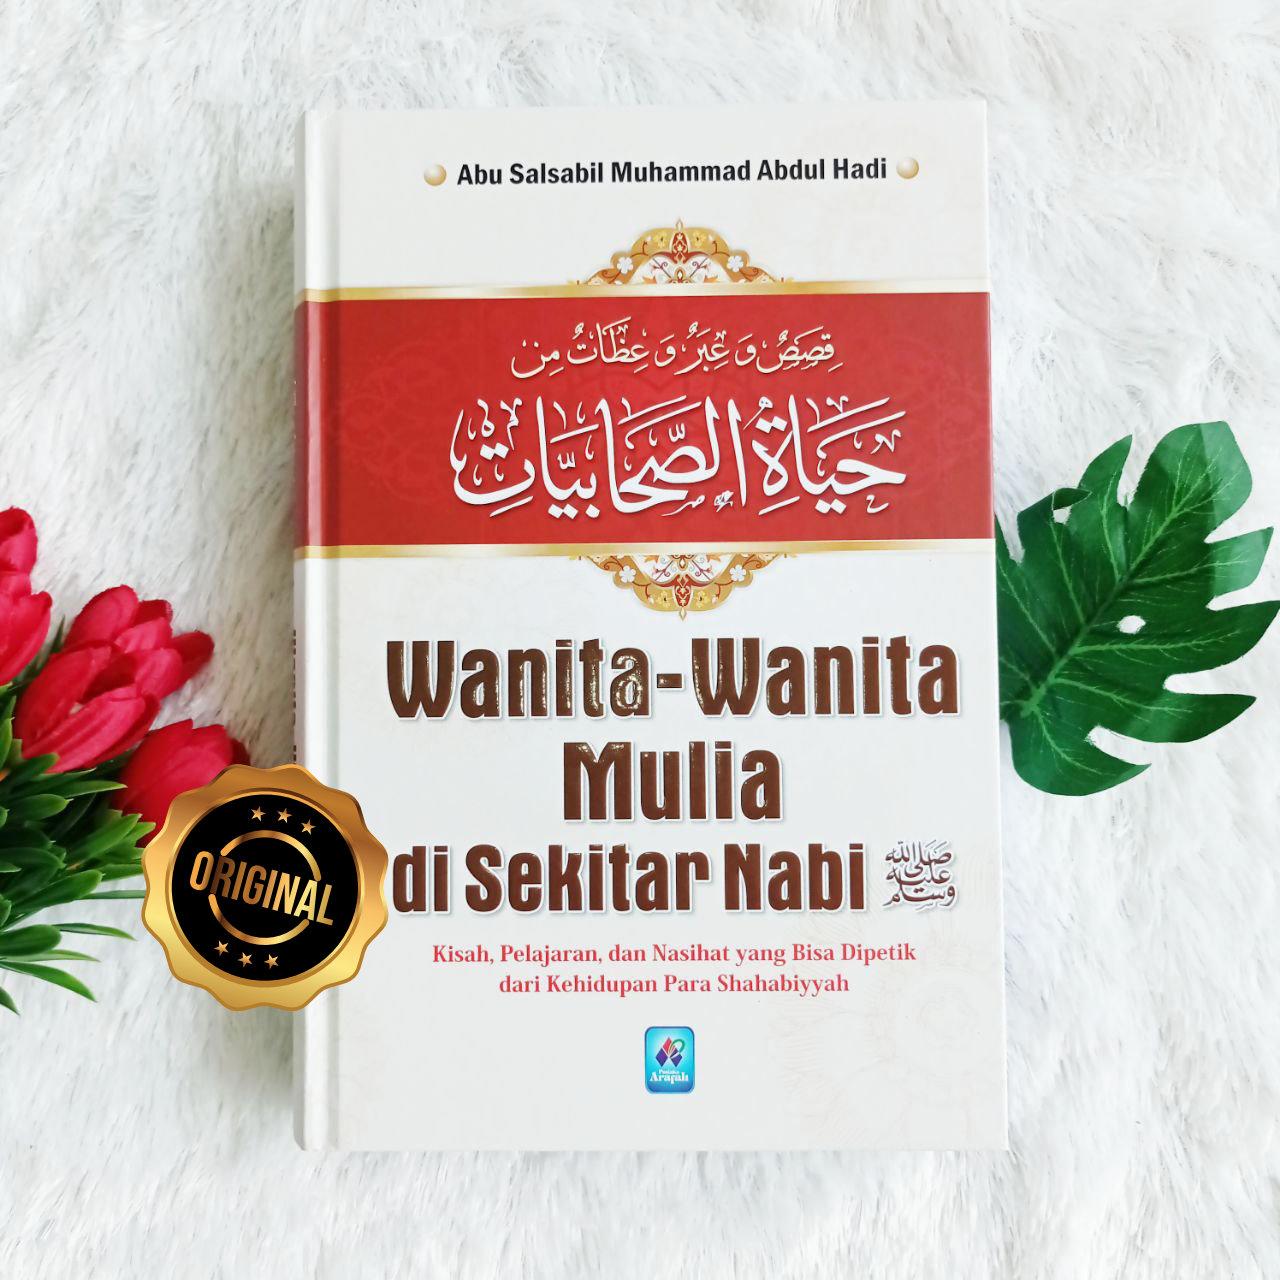 Buku Wanita-Wanita Mulia Di Sekitar Nabi Kisah Pelajaran Nasihat